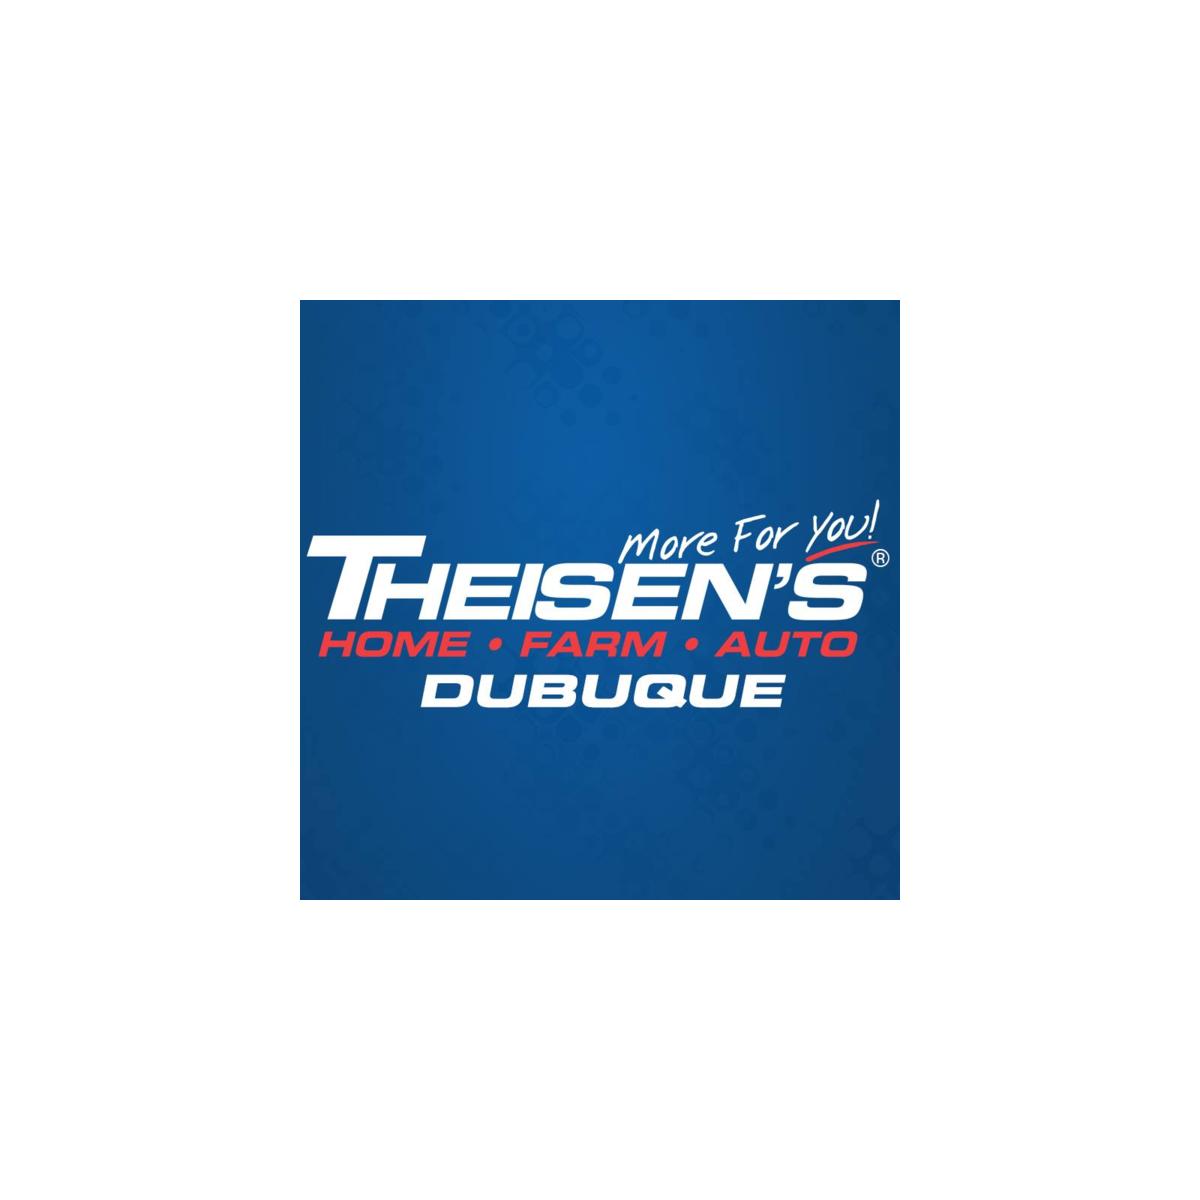 Theisen's Home Farm & Auto